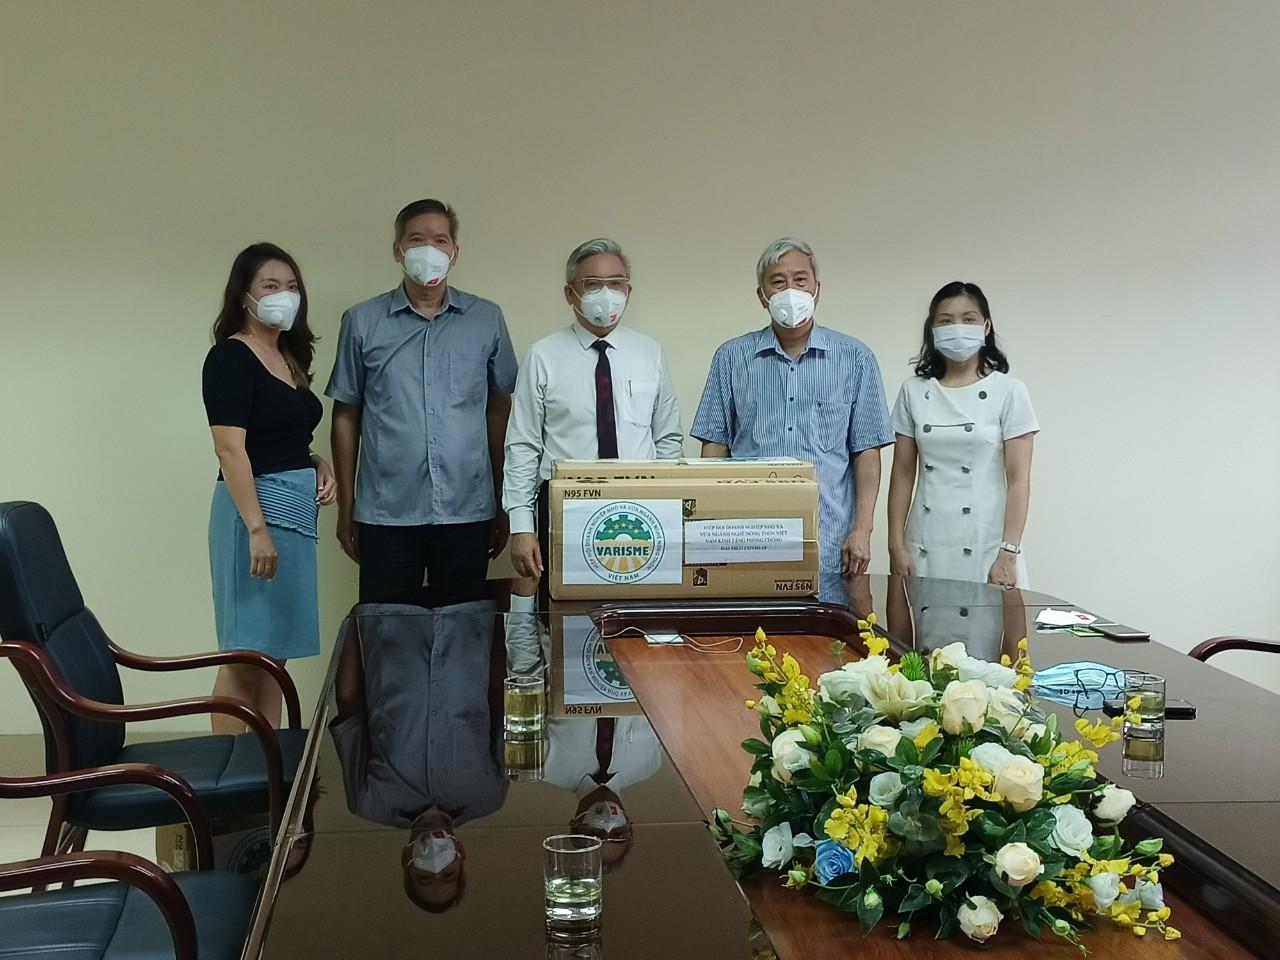 Đại diện Trung tâm Y tế dự phòng Hà Nội tiếp nhận các thùng khẩu trang N95 từ Chủ tịch VARISME để hỗ trợ cho công tác phòng, chống dịch của Trung tâm.